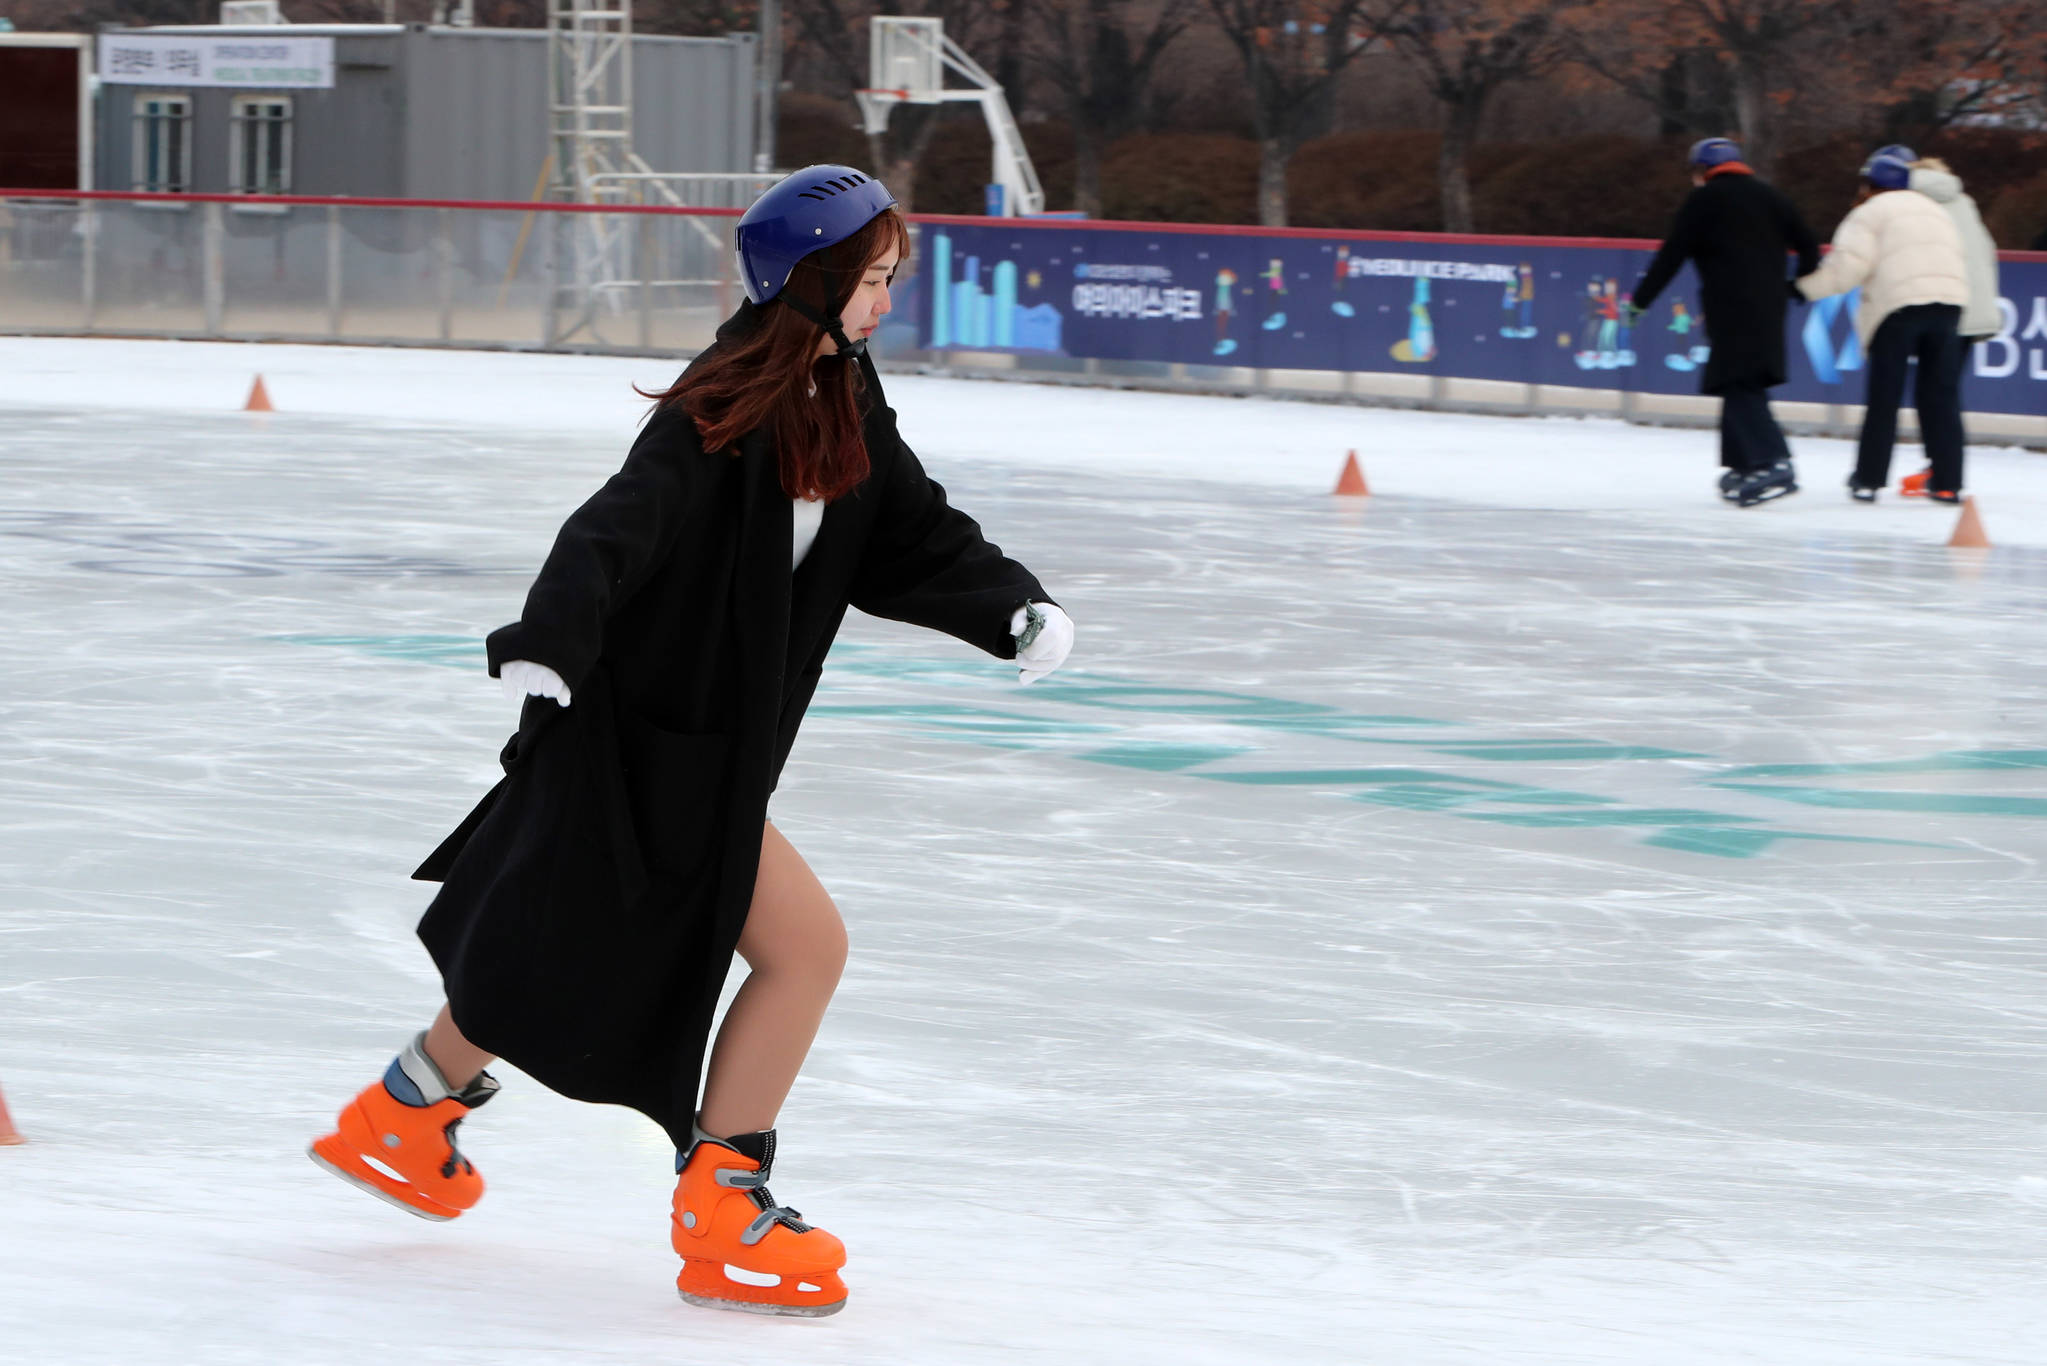 서울 여의도공원 스케이트장 '여의아이스파크'가 20일 개장했다. 첫날 오후 한 여성이 스케이트를 즐기고 있다.조문규 기자